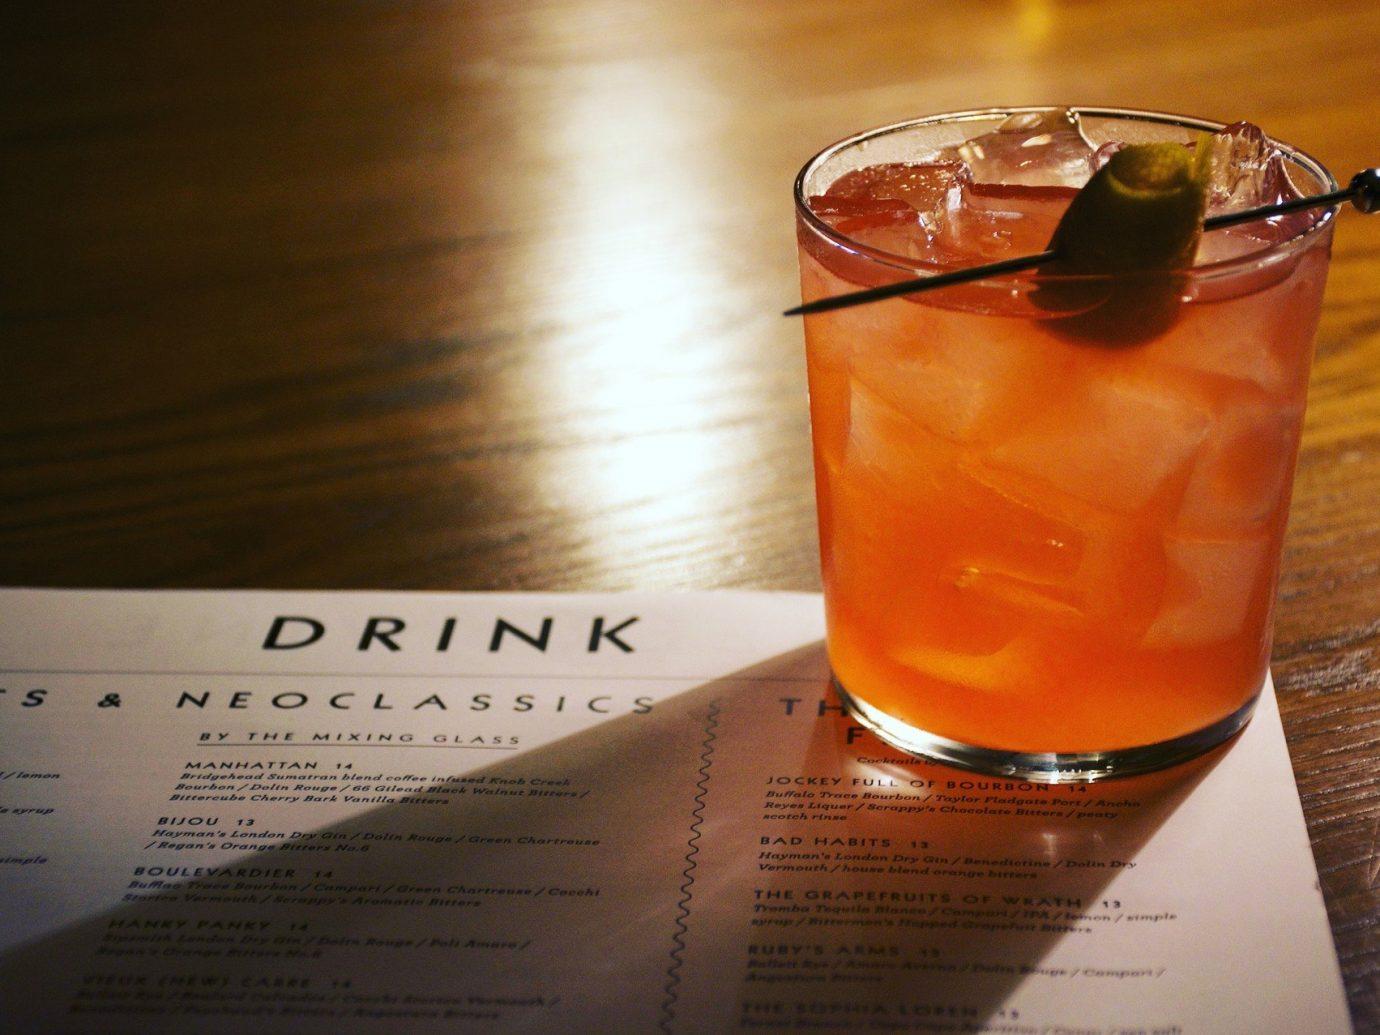 Jetsetter Guides cup table glass Drink alcoholic beverage indoor cocktail distilled beverage beverage liqueur whisky